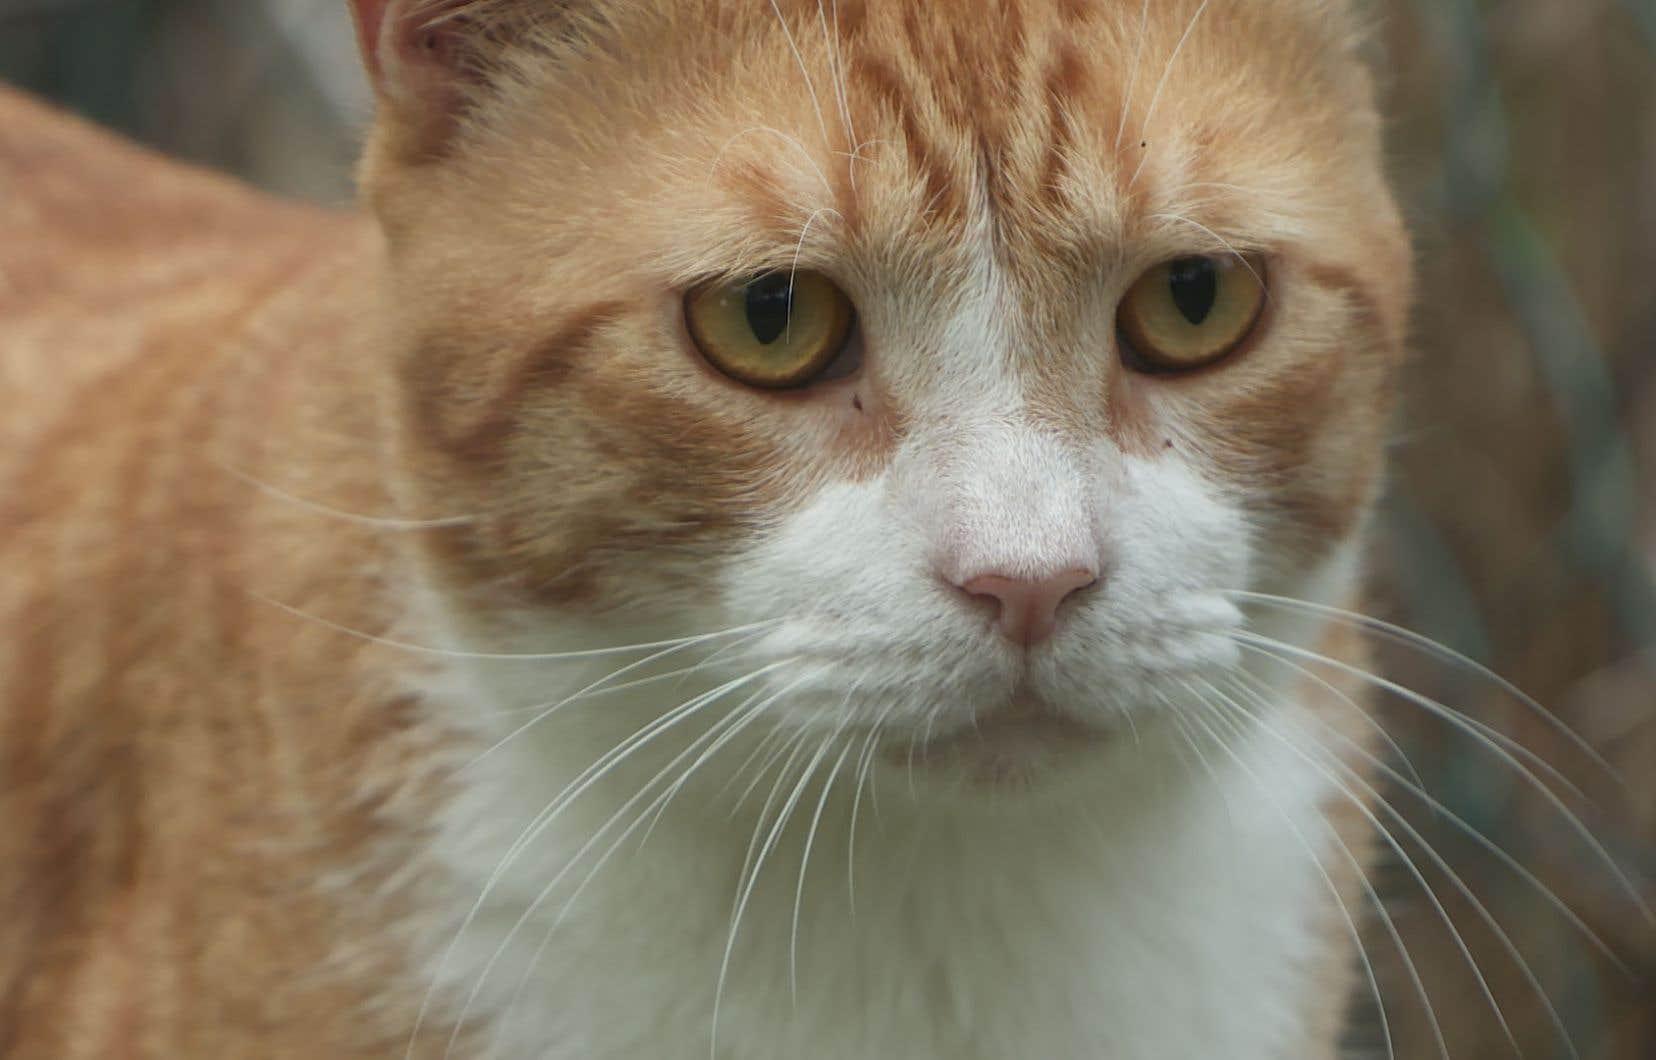 Présent partout dans le monde, le chat a conservé, malgré presque 10000 ans de domestication, des instincts de prédateur.